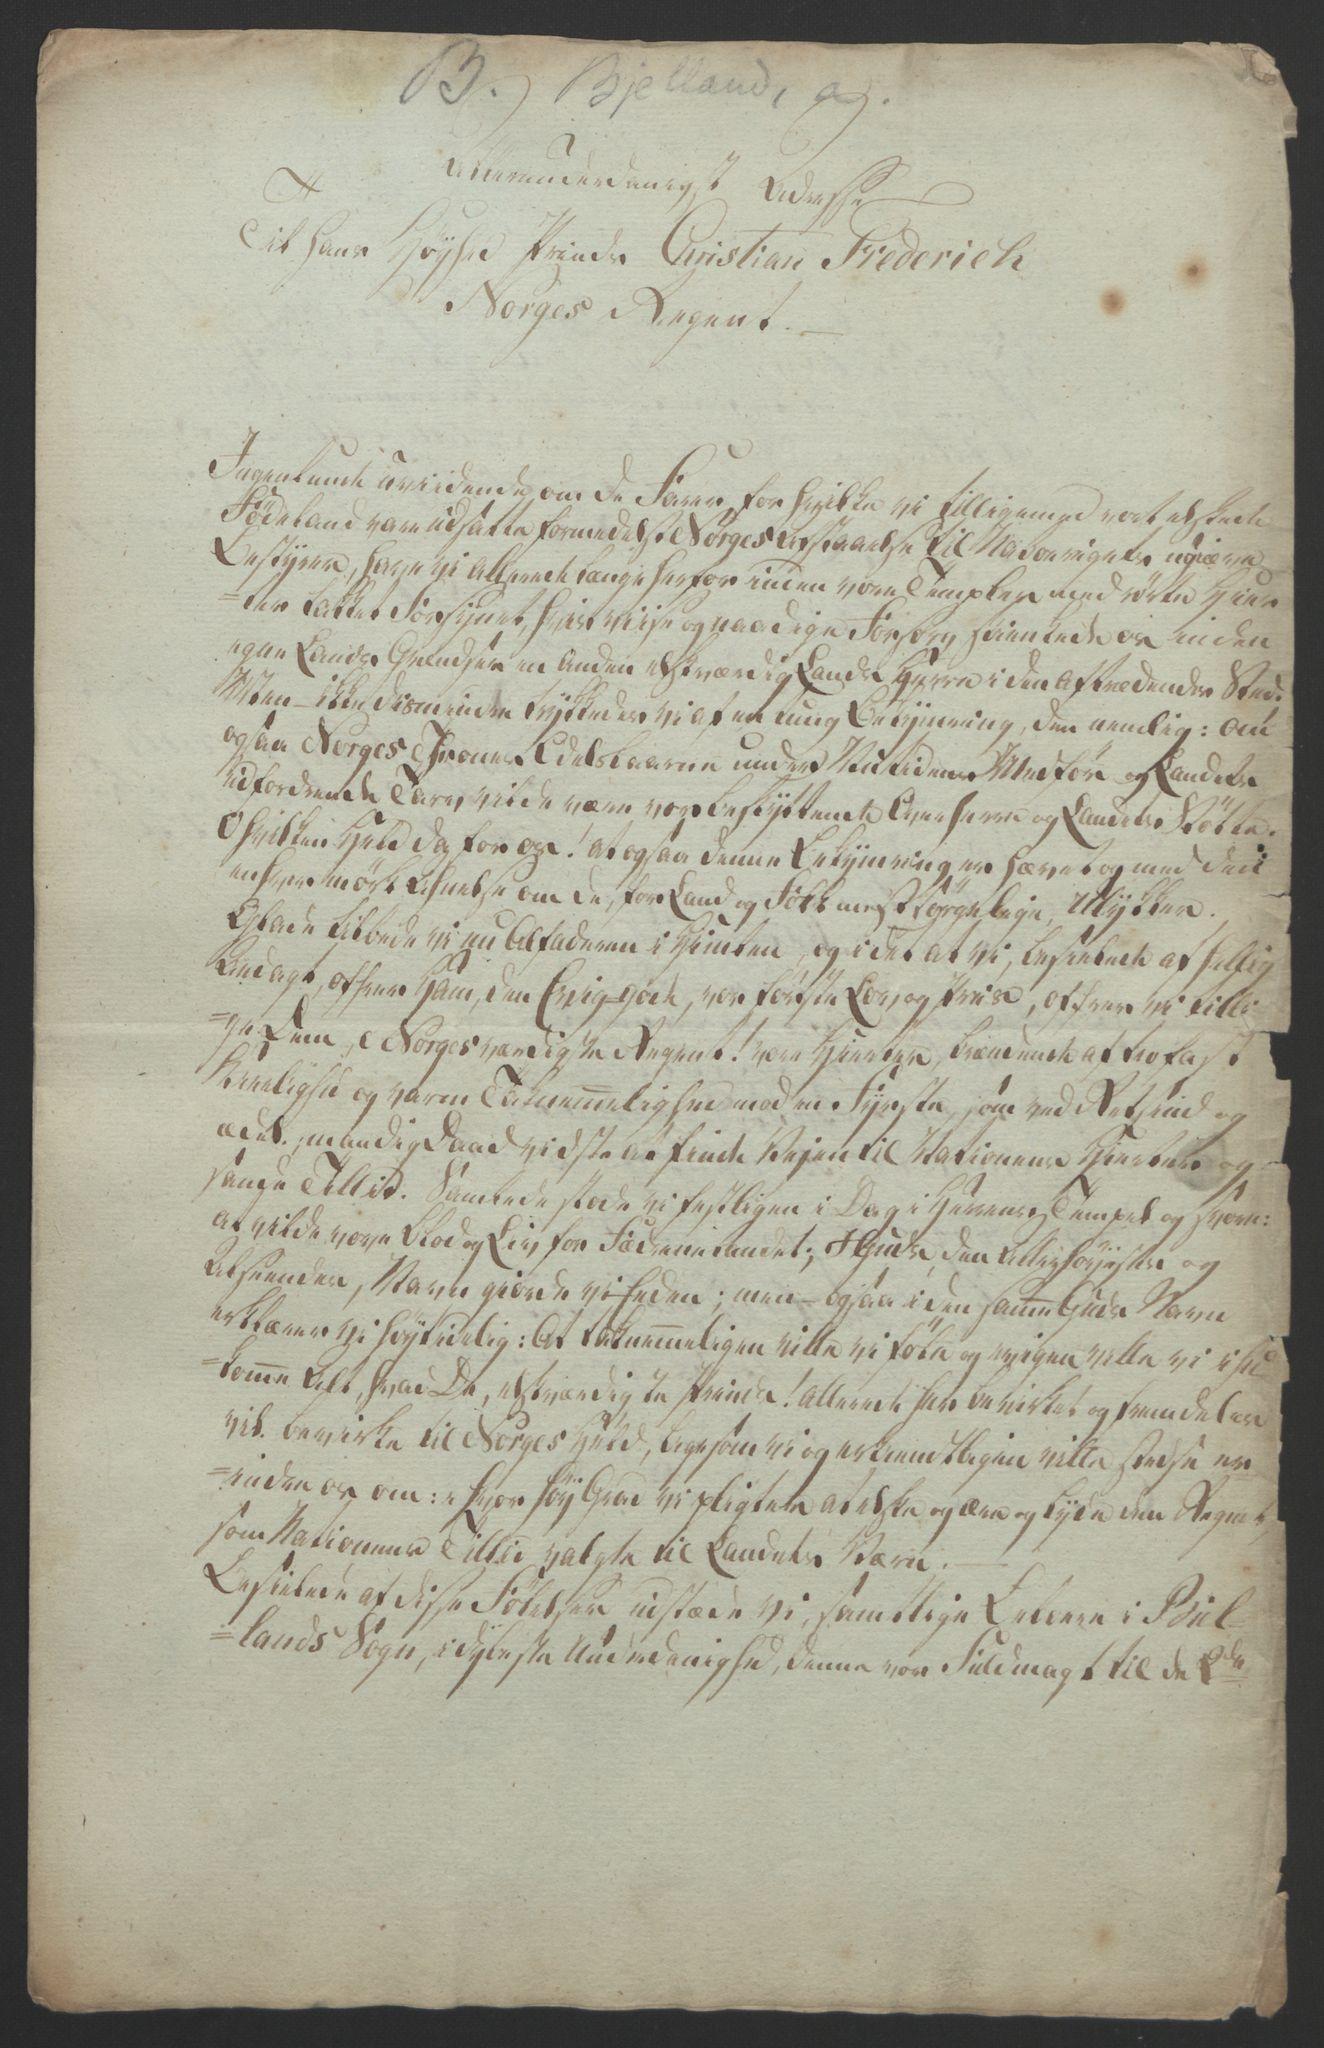 RA, Statsrådssekretariatet, D/Db/L0008: Fullmakter for Eidsvollsrepresentantene i 1814. , 1814, s. 160